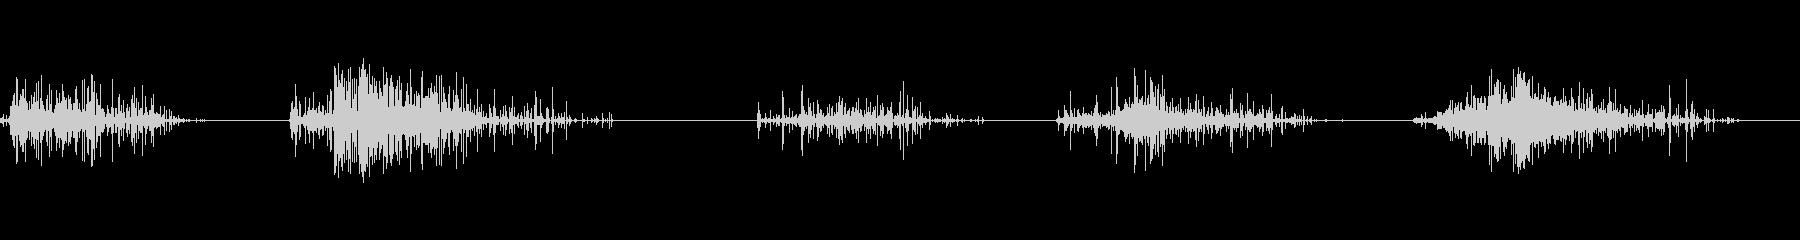 オブジェクトダウングレーヴパイル、...の未再生の波形